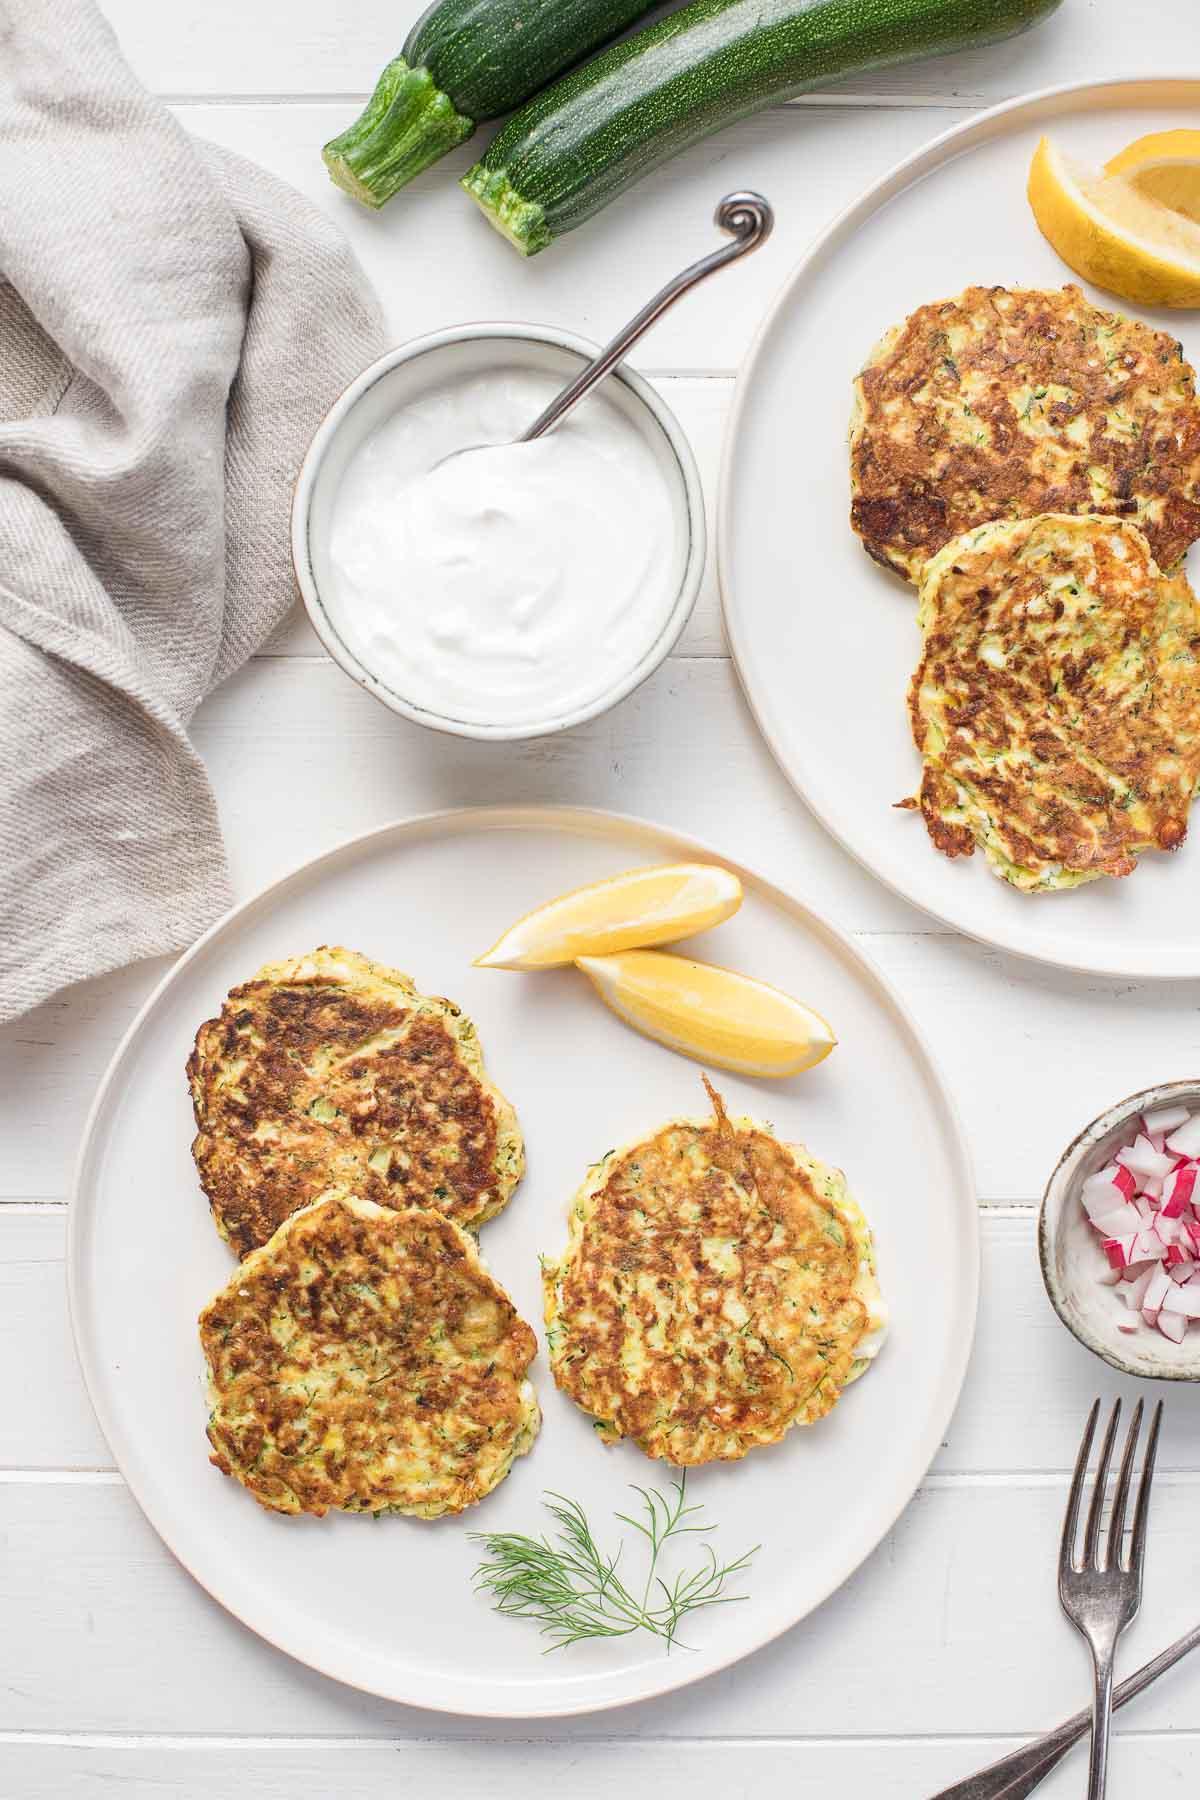 Zucchini-Puffer mit Lauch, Feta, Dill und Joghurt-Soße, low carb, glutenfrei